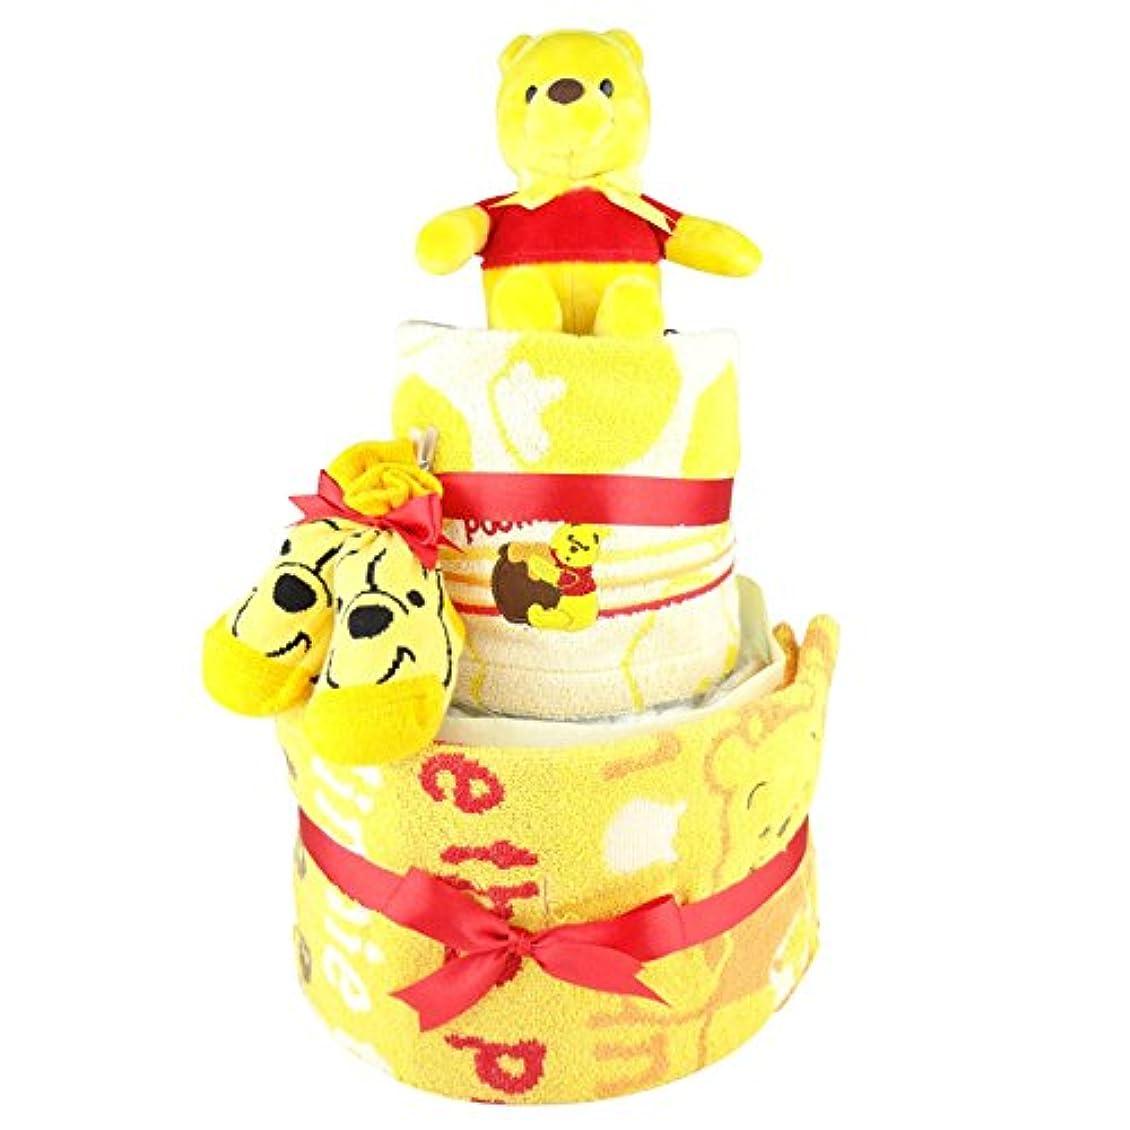 イブニング階層で出来ているおむつケーキ プーさん くまのプーさん ディズニー 2段 出産祝い ベビーギフト タオル ソックス ぬいぐるみ pooh2